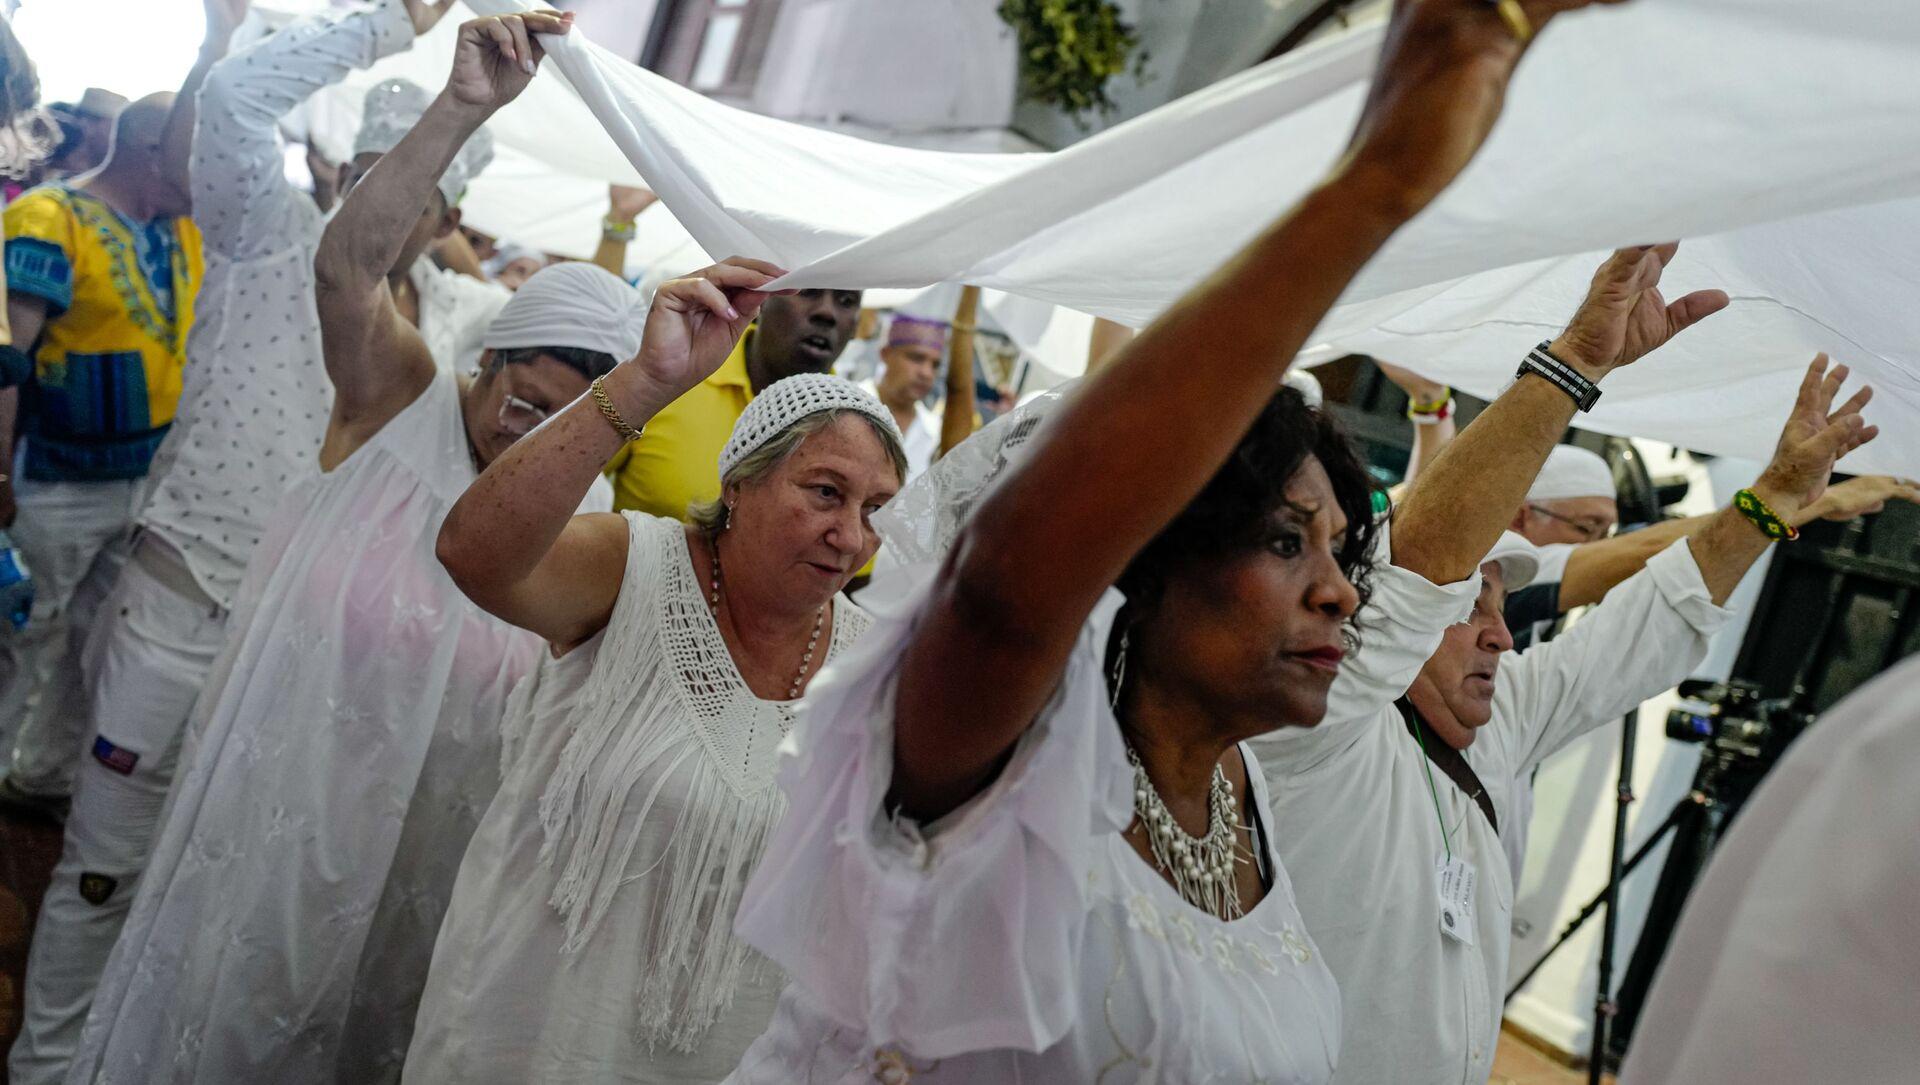 Seguidores de la religión yoruba en Cuba - Sputnik Mundo, 1920, 01.01.2021